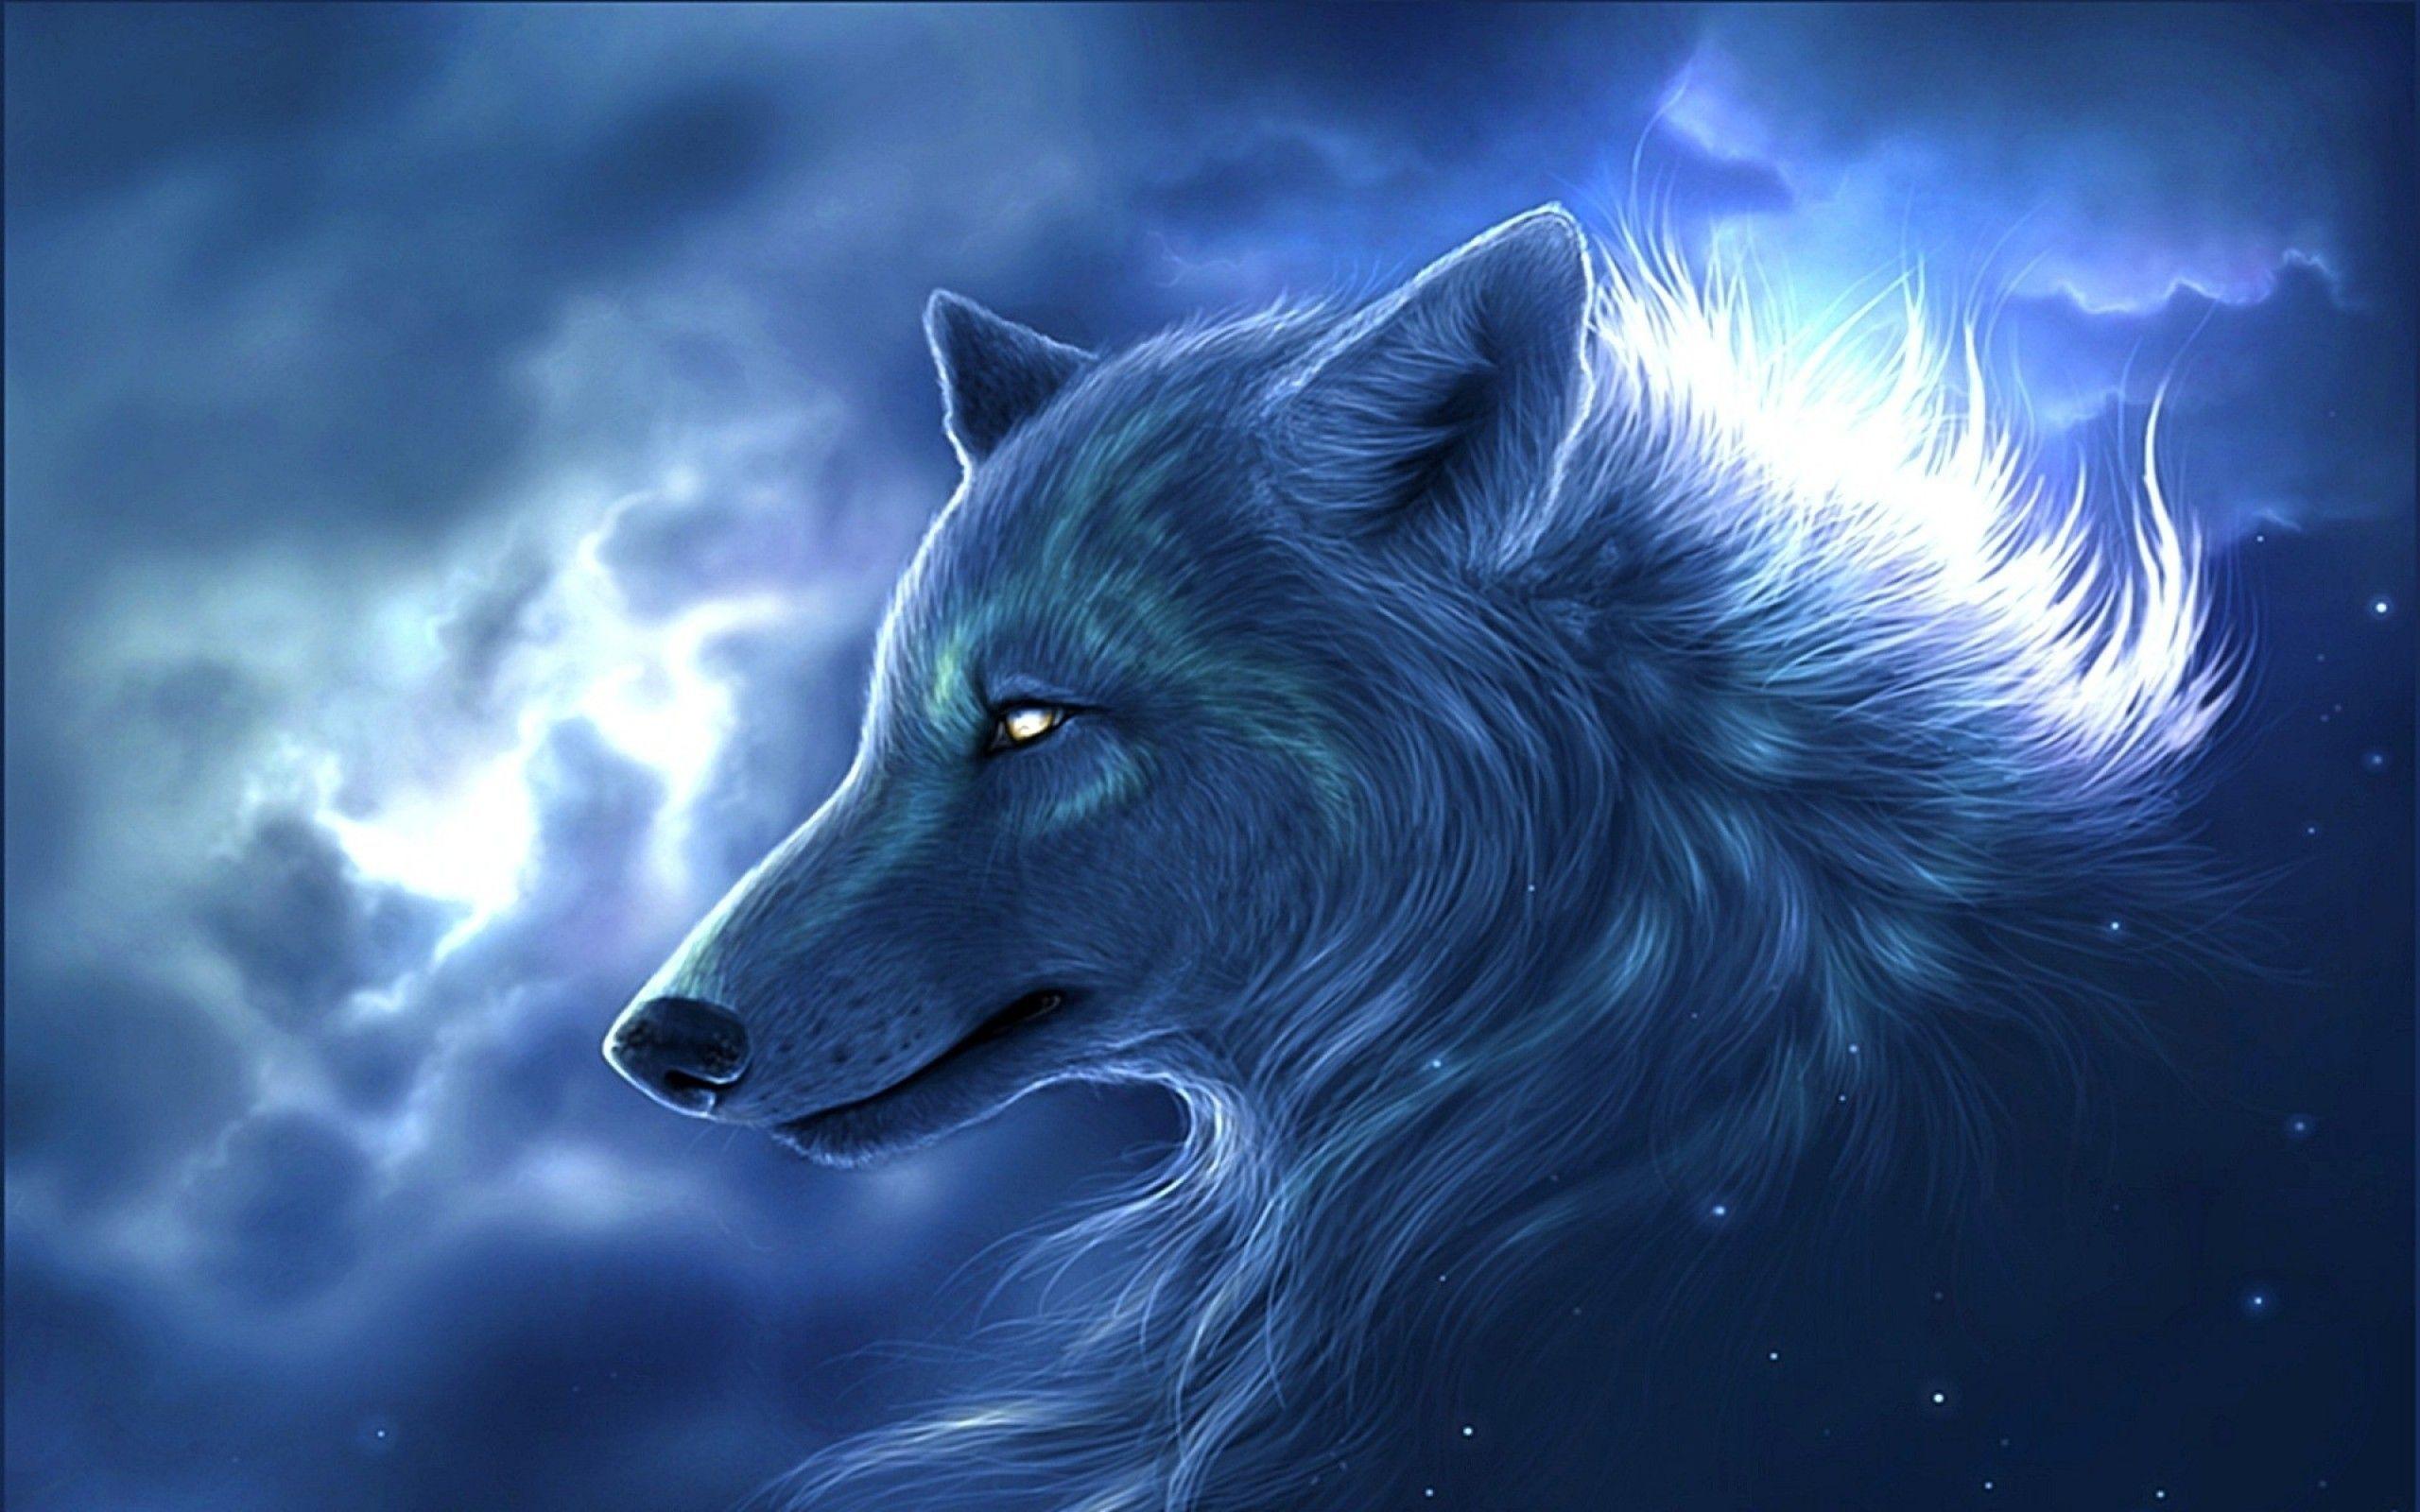 Pin von Fabiula Cordeiro auf Wolves | Animais, Fotografias ...